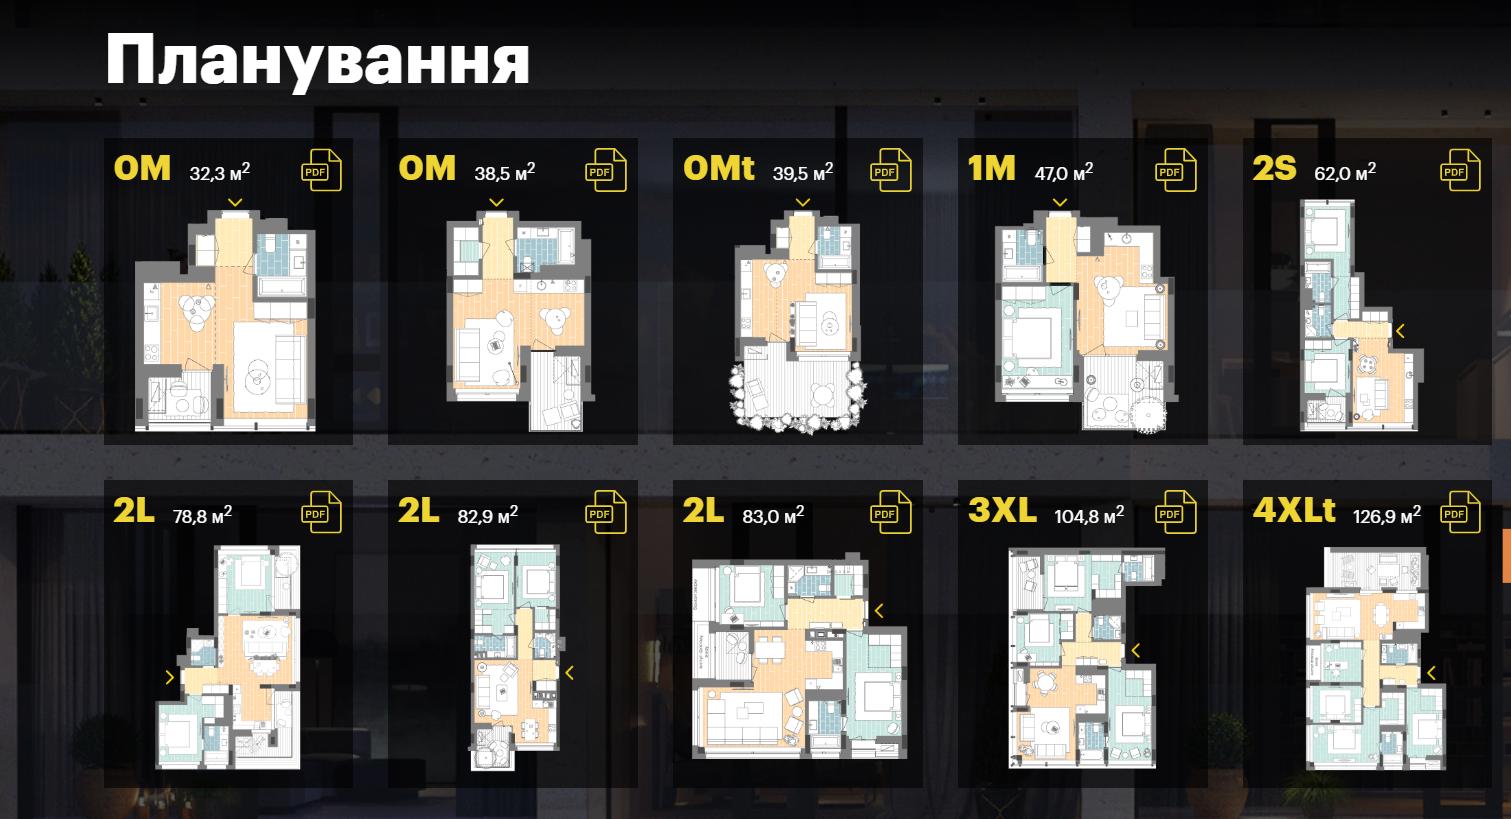 Квартиры от 1,5 млн грн. В UNIT.City представили инновационный ЖК UNIT.Home для представителей творческого класса [Каким он будет]